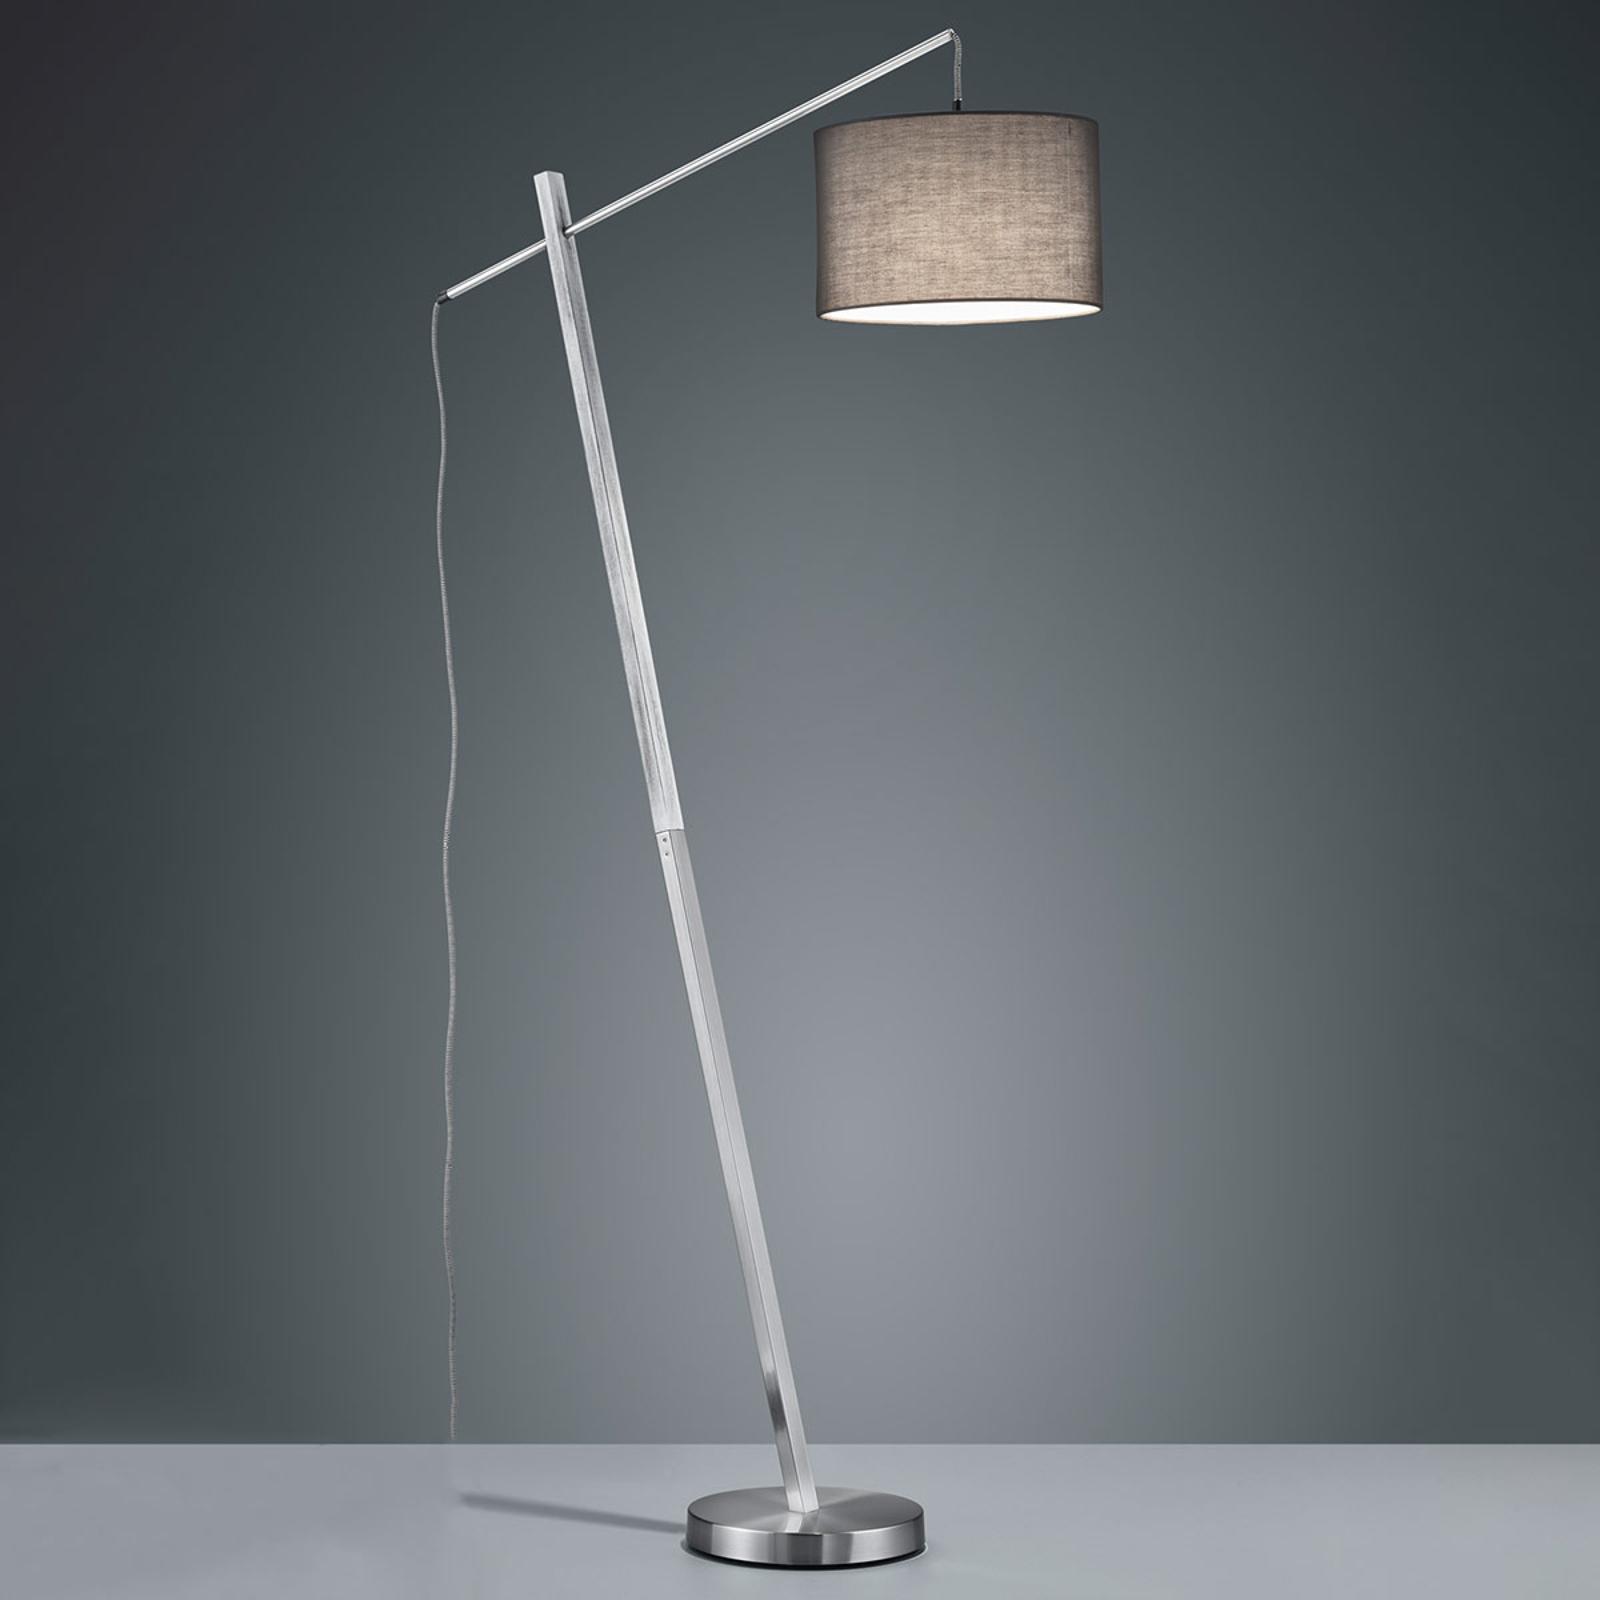 Vloerlamp Padme met grijze stoffen kap